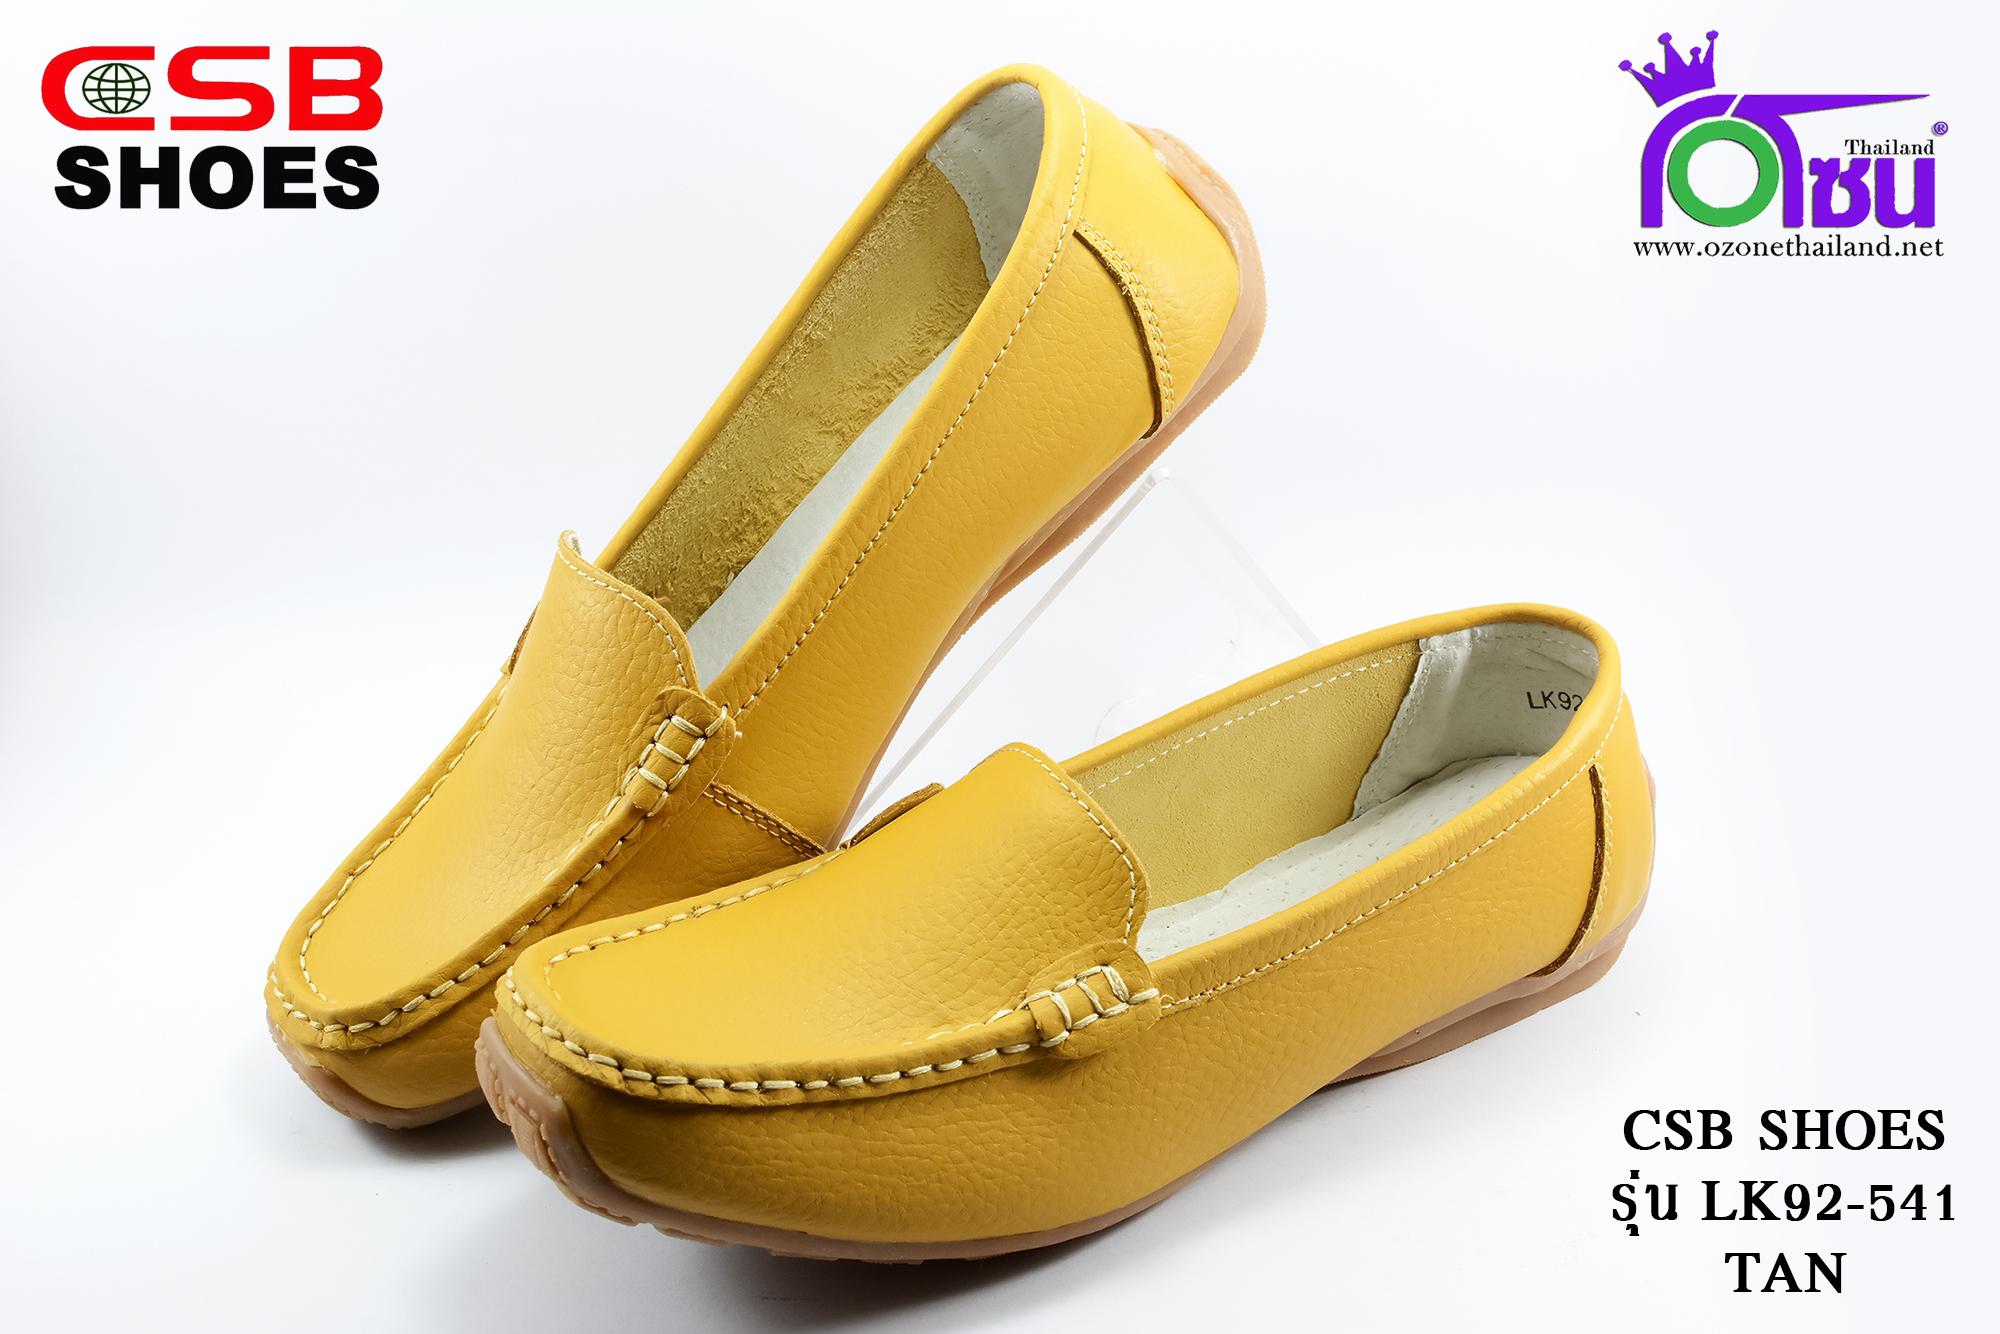 รองเท้าแฟชั่นหุ้มส้น CSB ซีเอสบี รุ่น LK92-541 สีเหลือง เบอร์ 36-40